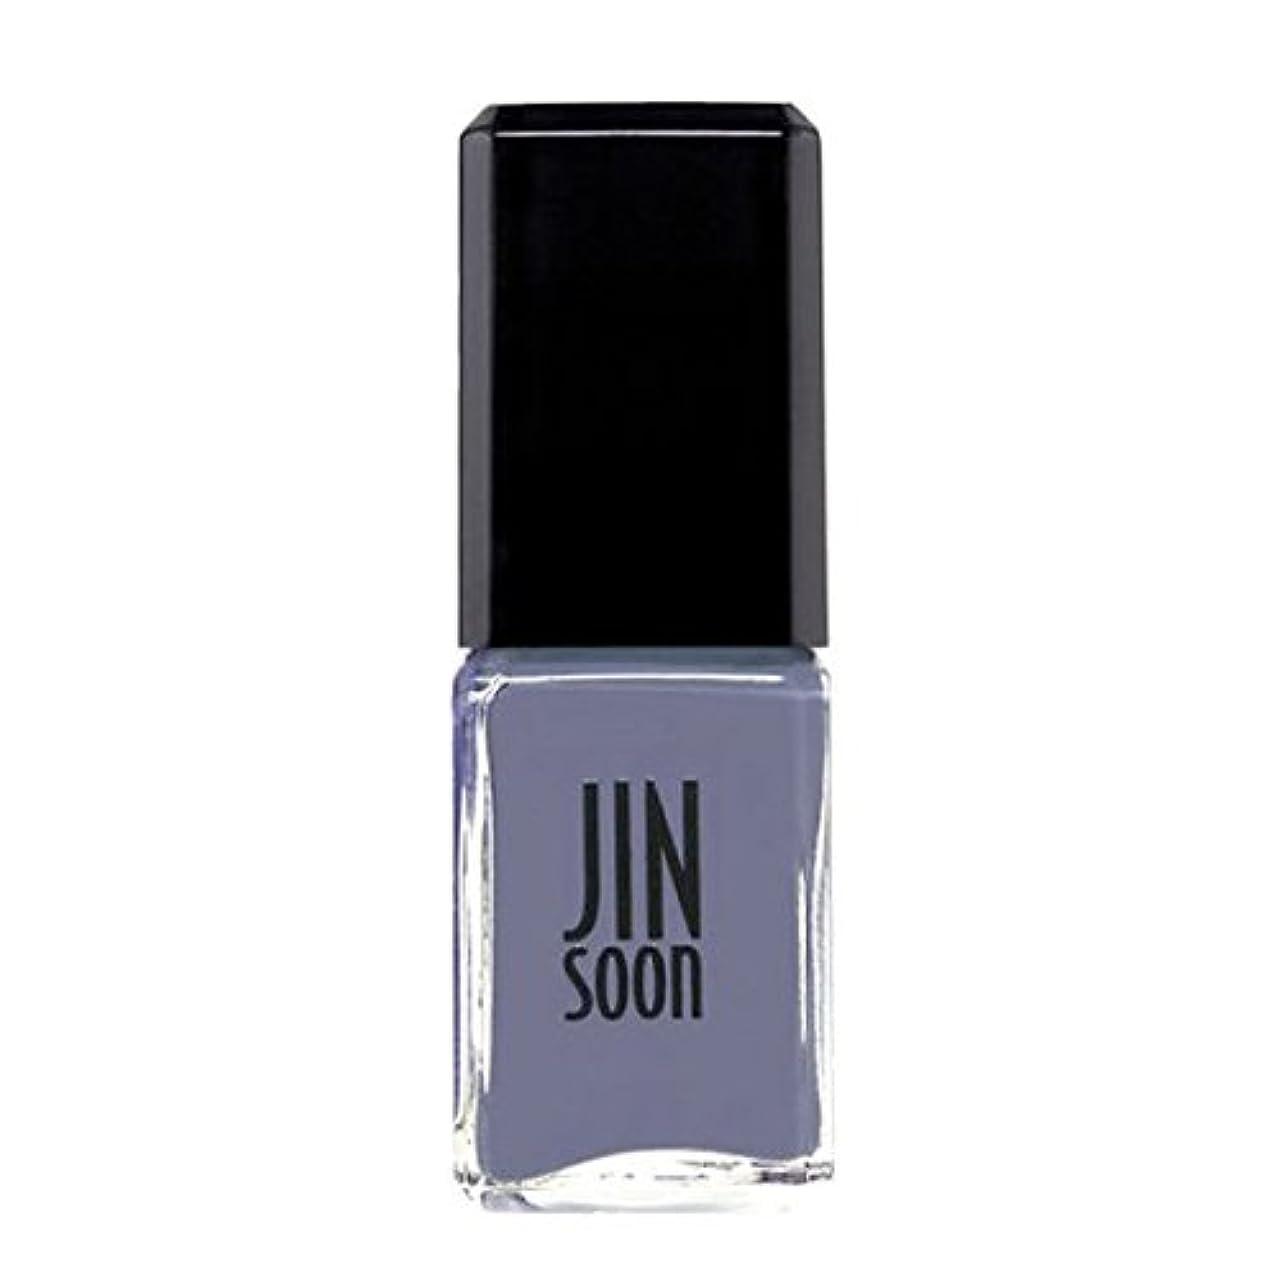 サイドボードスローガン紫の[ジンスーン] [ jinsoon] ダンディ(パープルブルー) DANDY ジンスーン 5フリー ネイルポリッシュ ネイルカラー系統:パープルブルー 11mL